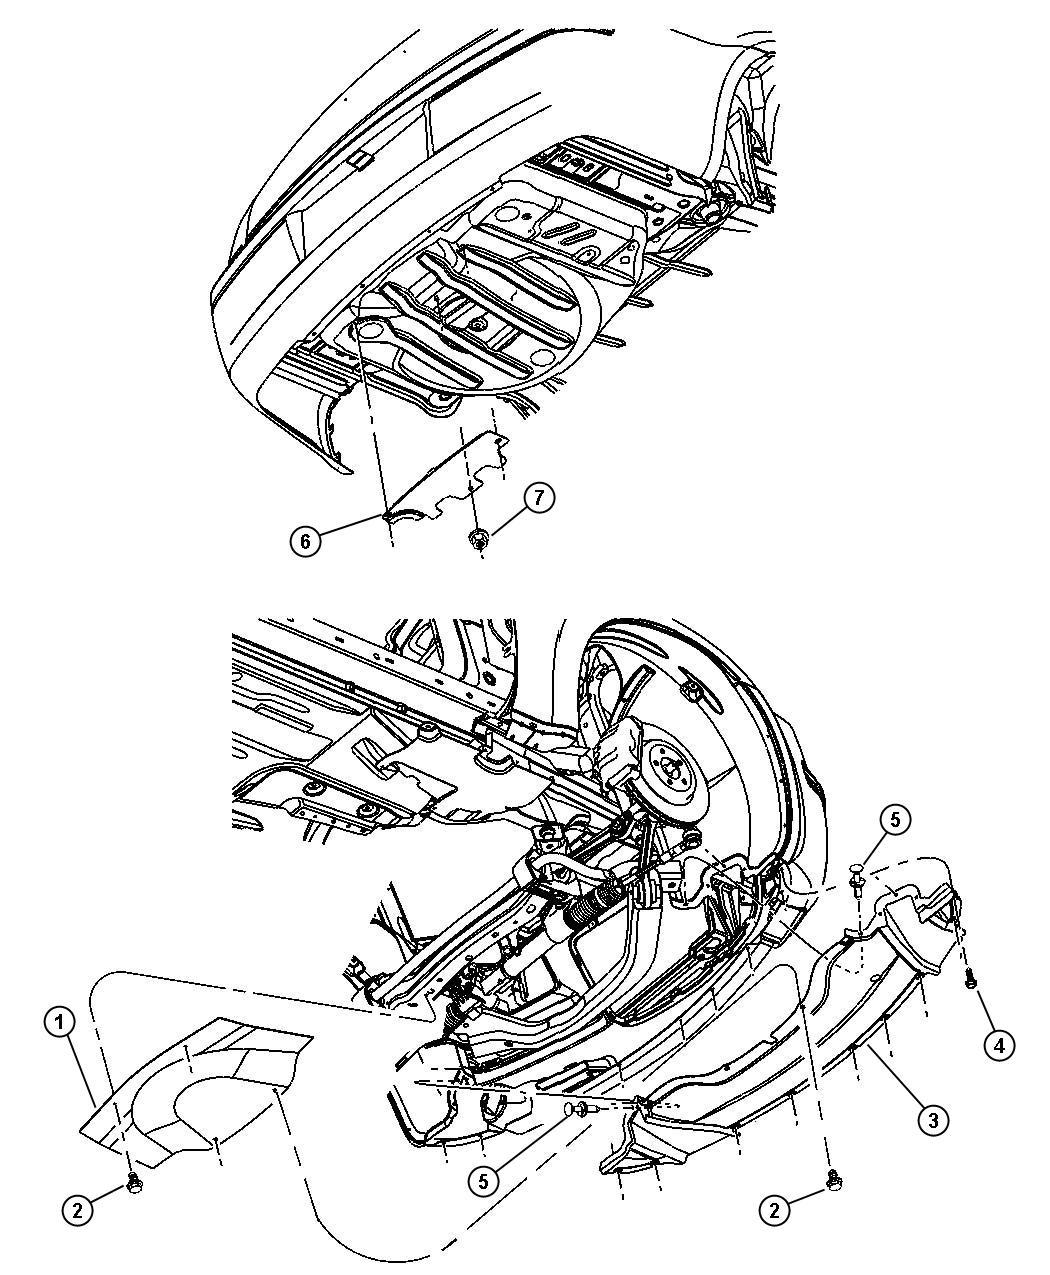 2007 Dodge Charger Silencer. Tunnel. Skidplates, dgj